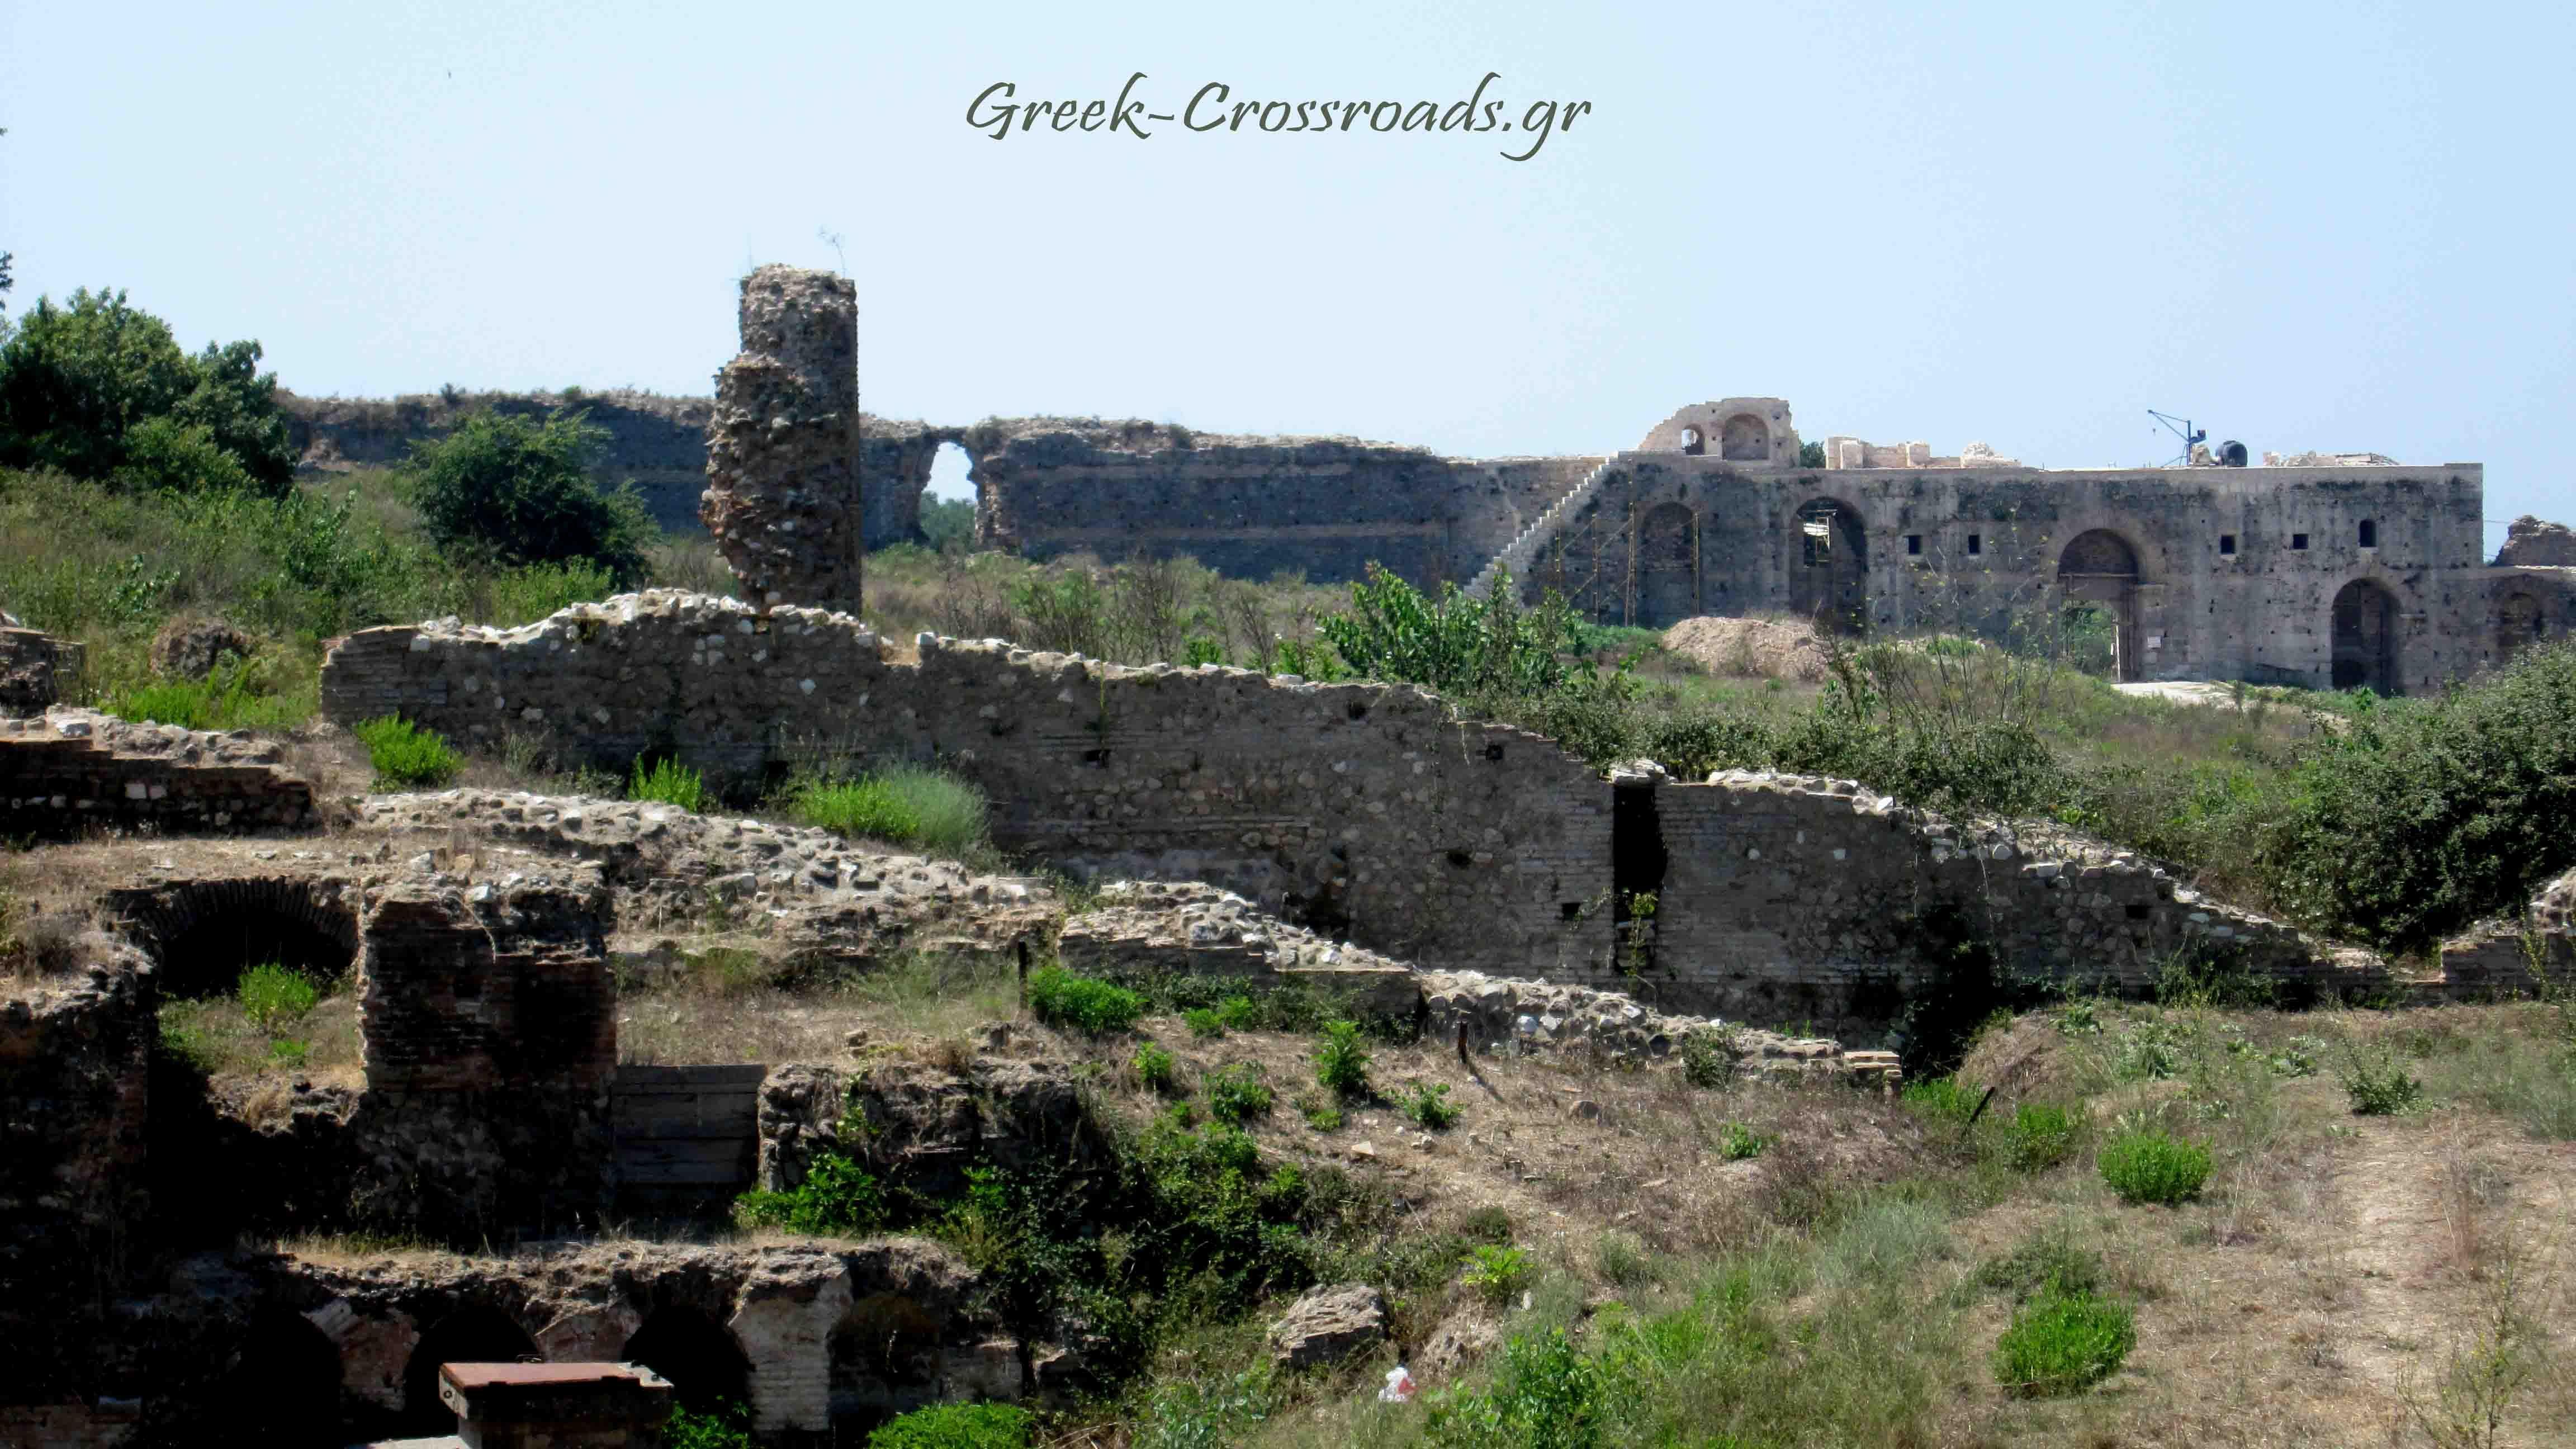 Πρέβεζα: Ανασκαφές χριστιανικών ναών στη Νικόπολη